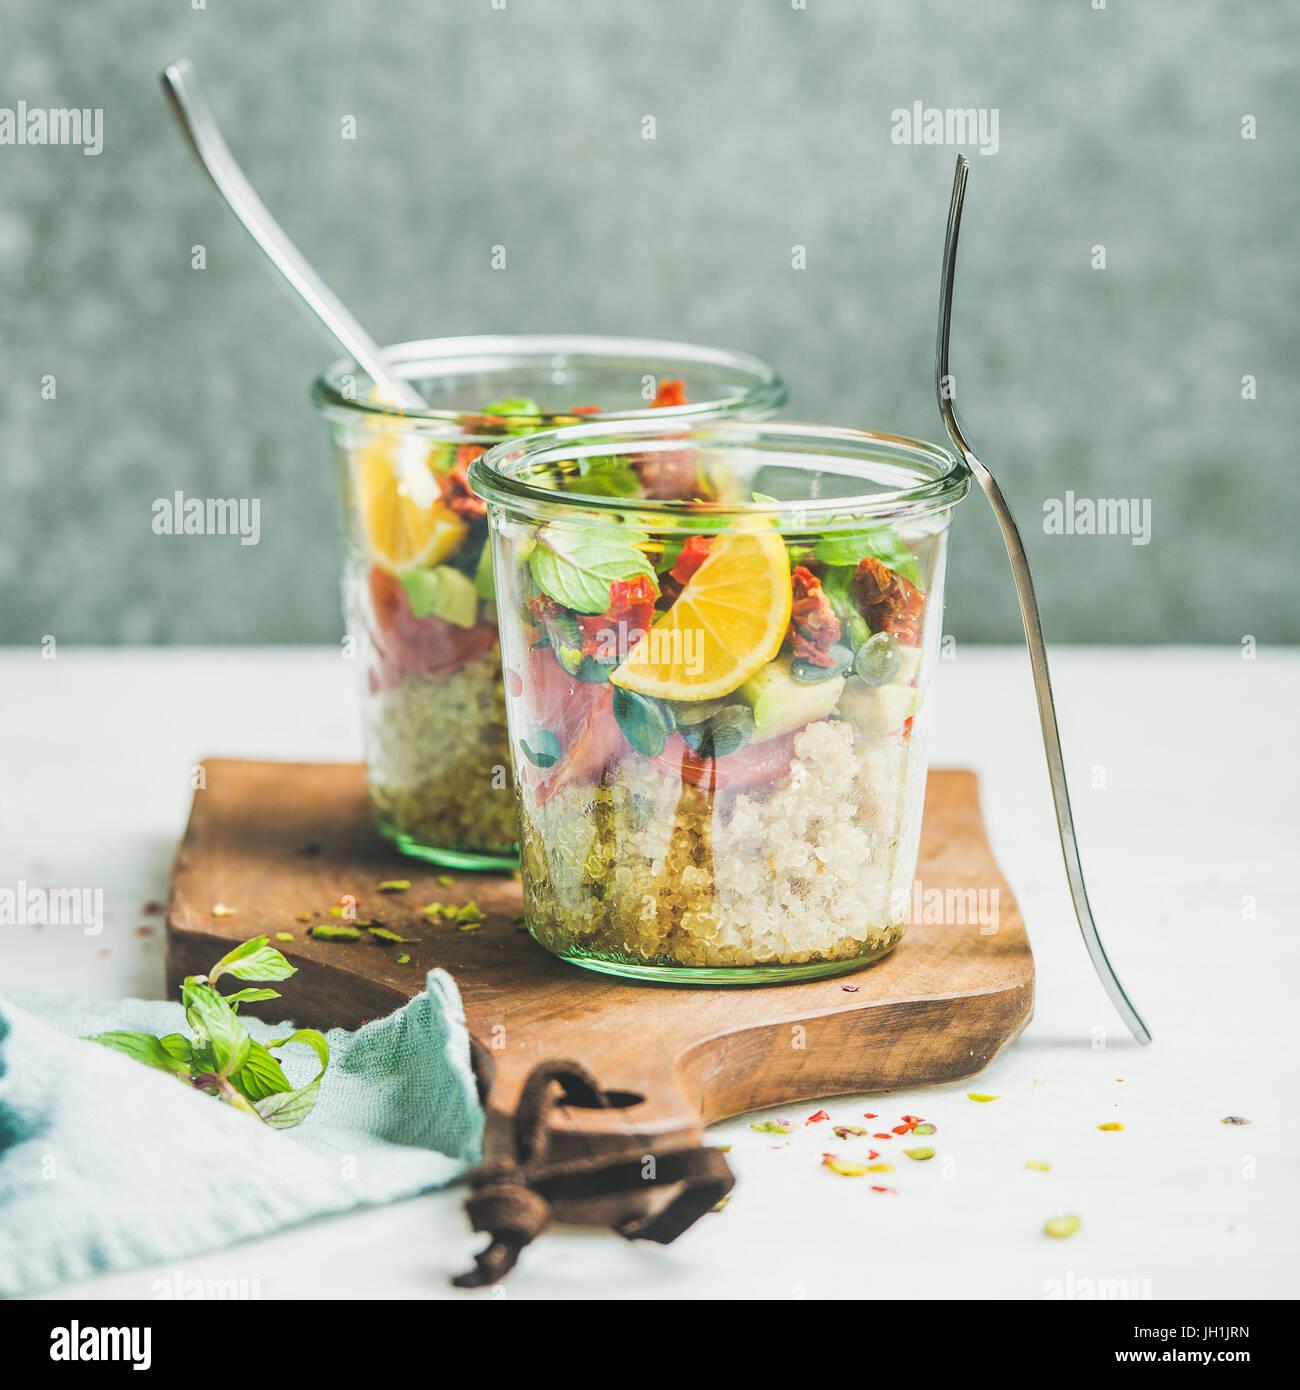 Sana insalata vegetariana con quionoa, avocado, pomodori secchi Immagini Stock